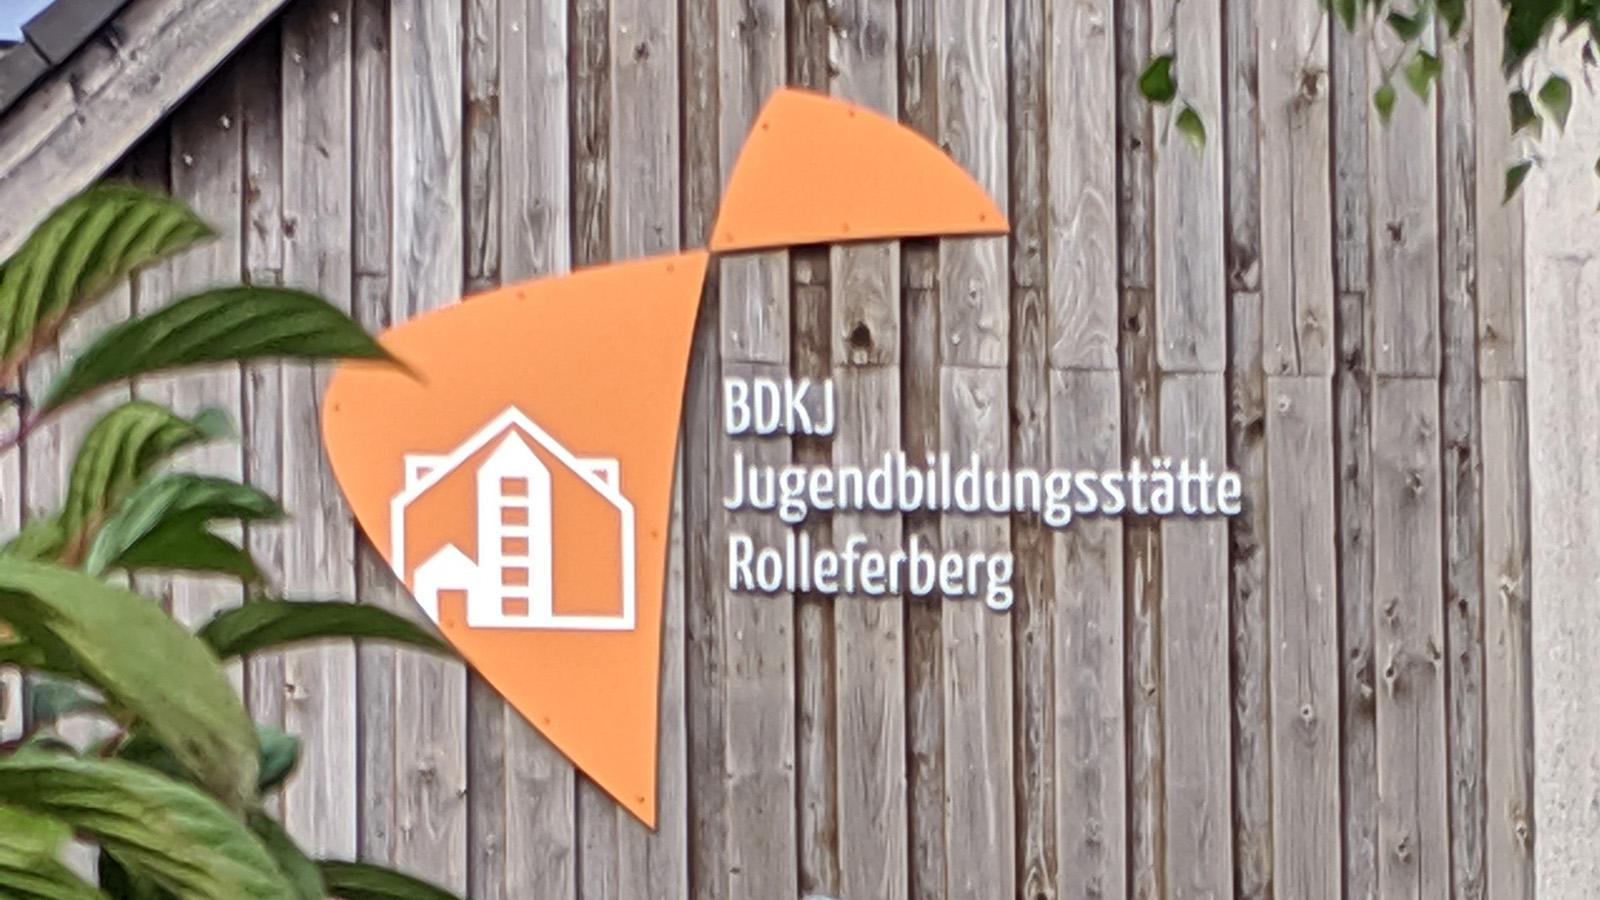 """BDKJ-Jugendbildungsstätte """"Rolleferberg"""" (Aachen)"""